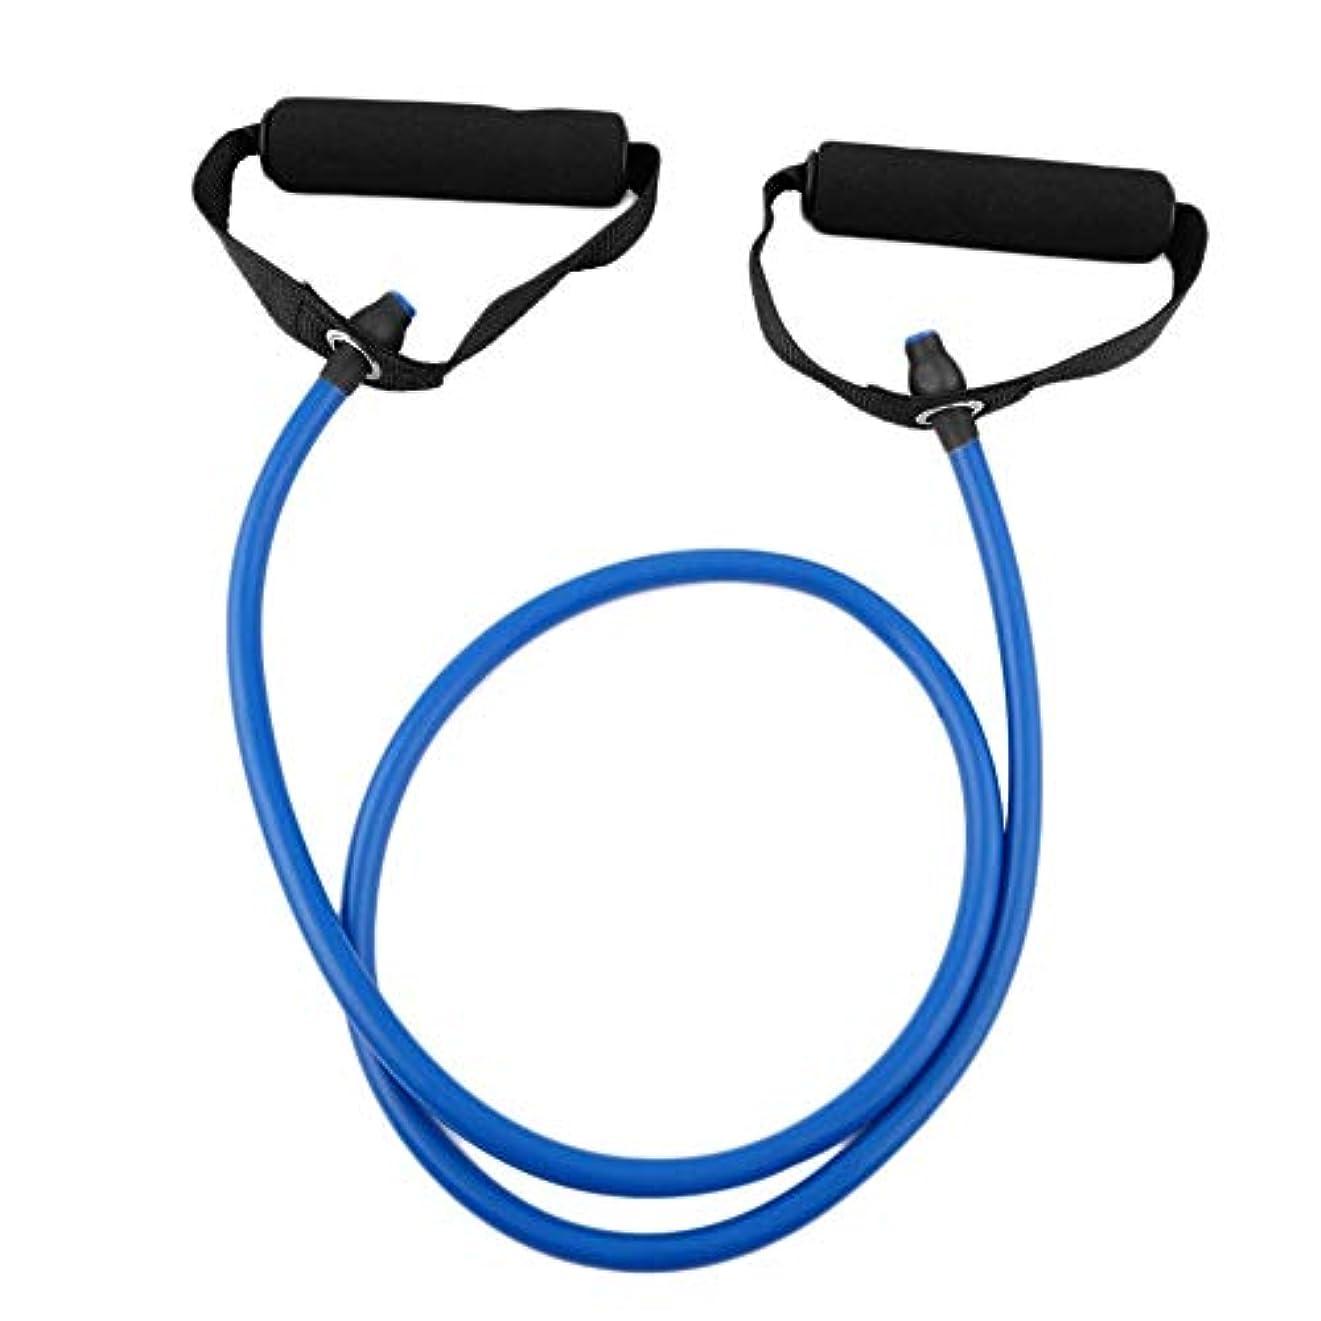 開拓者法医学仕えるフィットネス抵抗バンドロープチューブ弾性運動用ヨガピラティスワークアウトホームスポーツプルロープジムエクササイズツール(Color:blue)